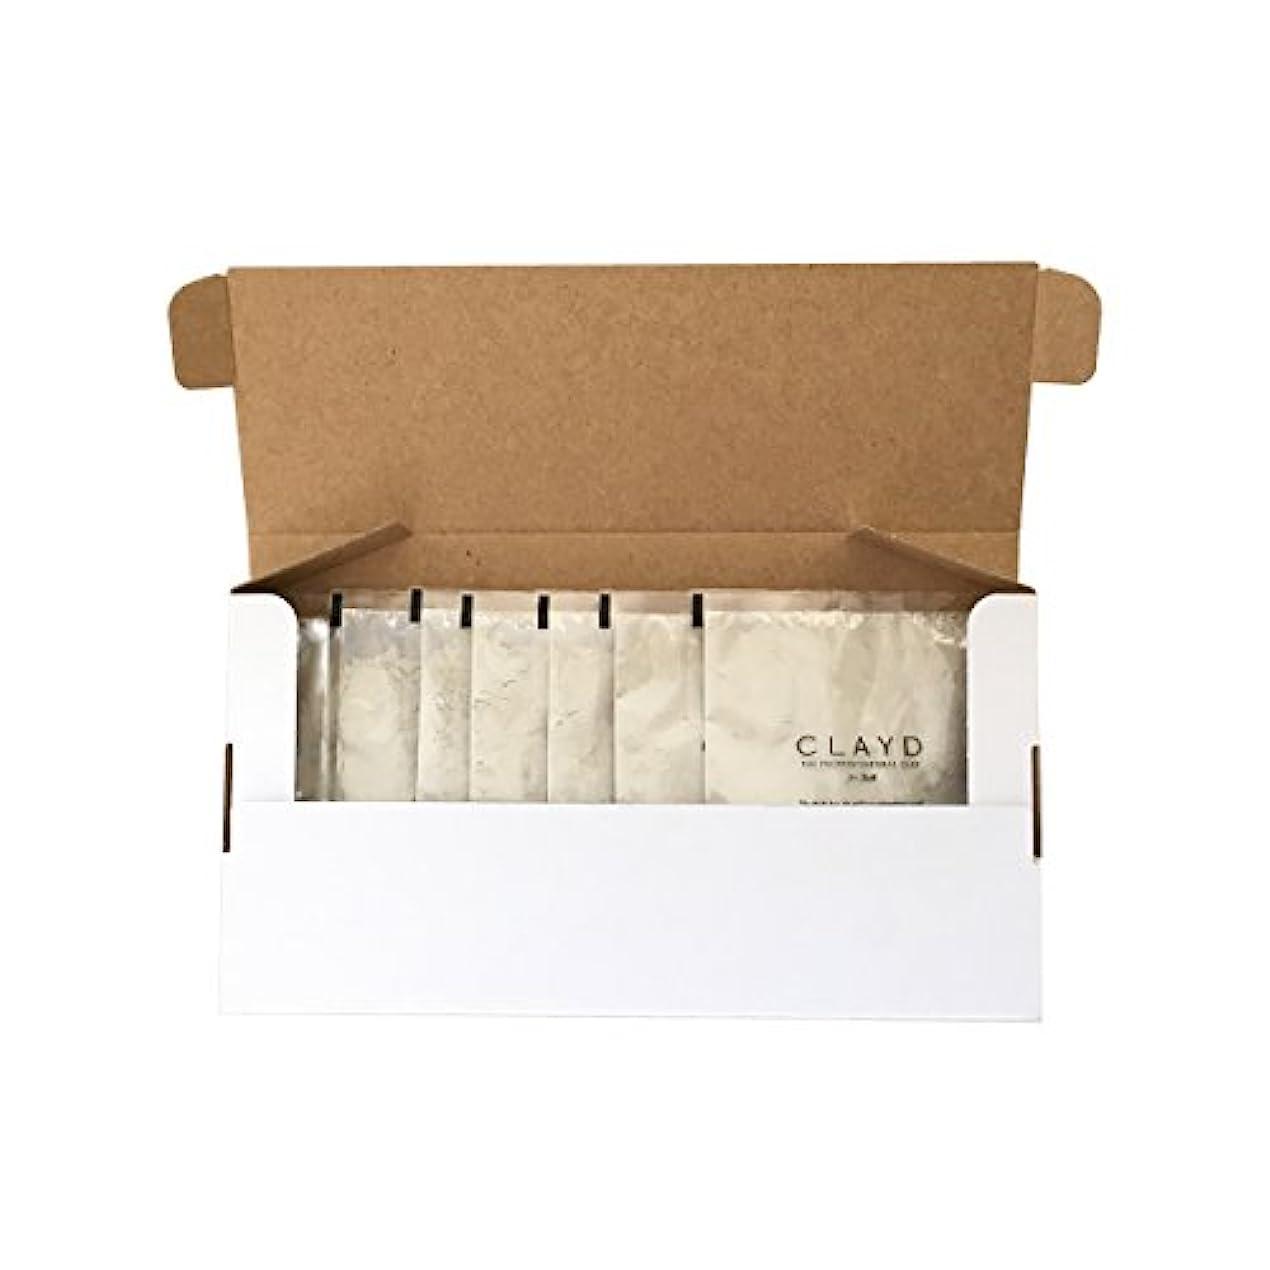 爆弾機構ヒューバートハドソンCLAYD for Bath(クレイドフォーバス)ONE WEEK TRIAL(30g×7袋)